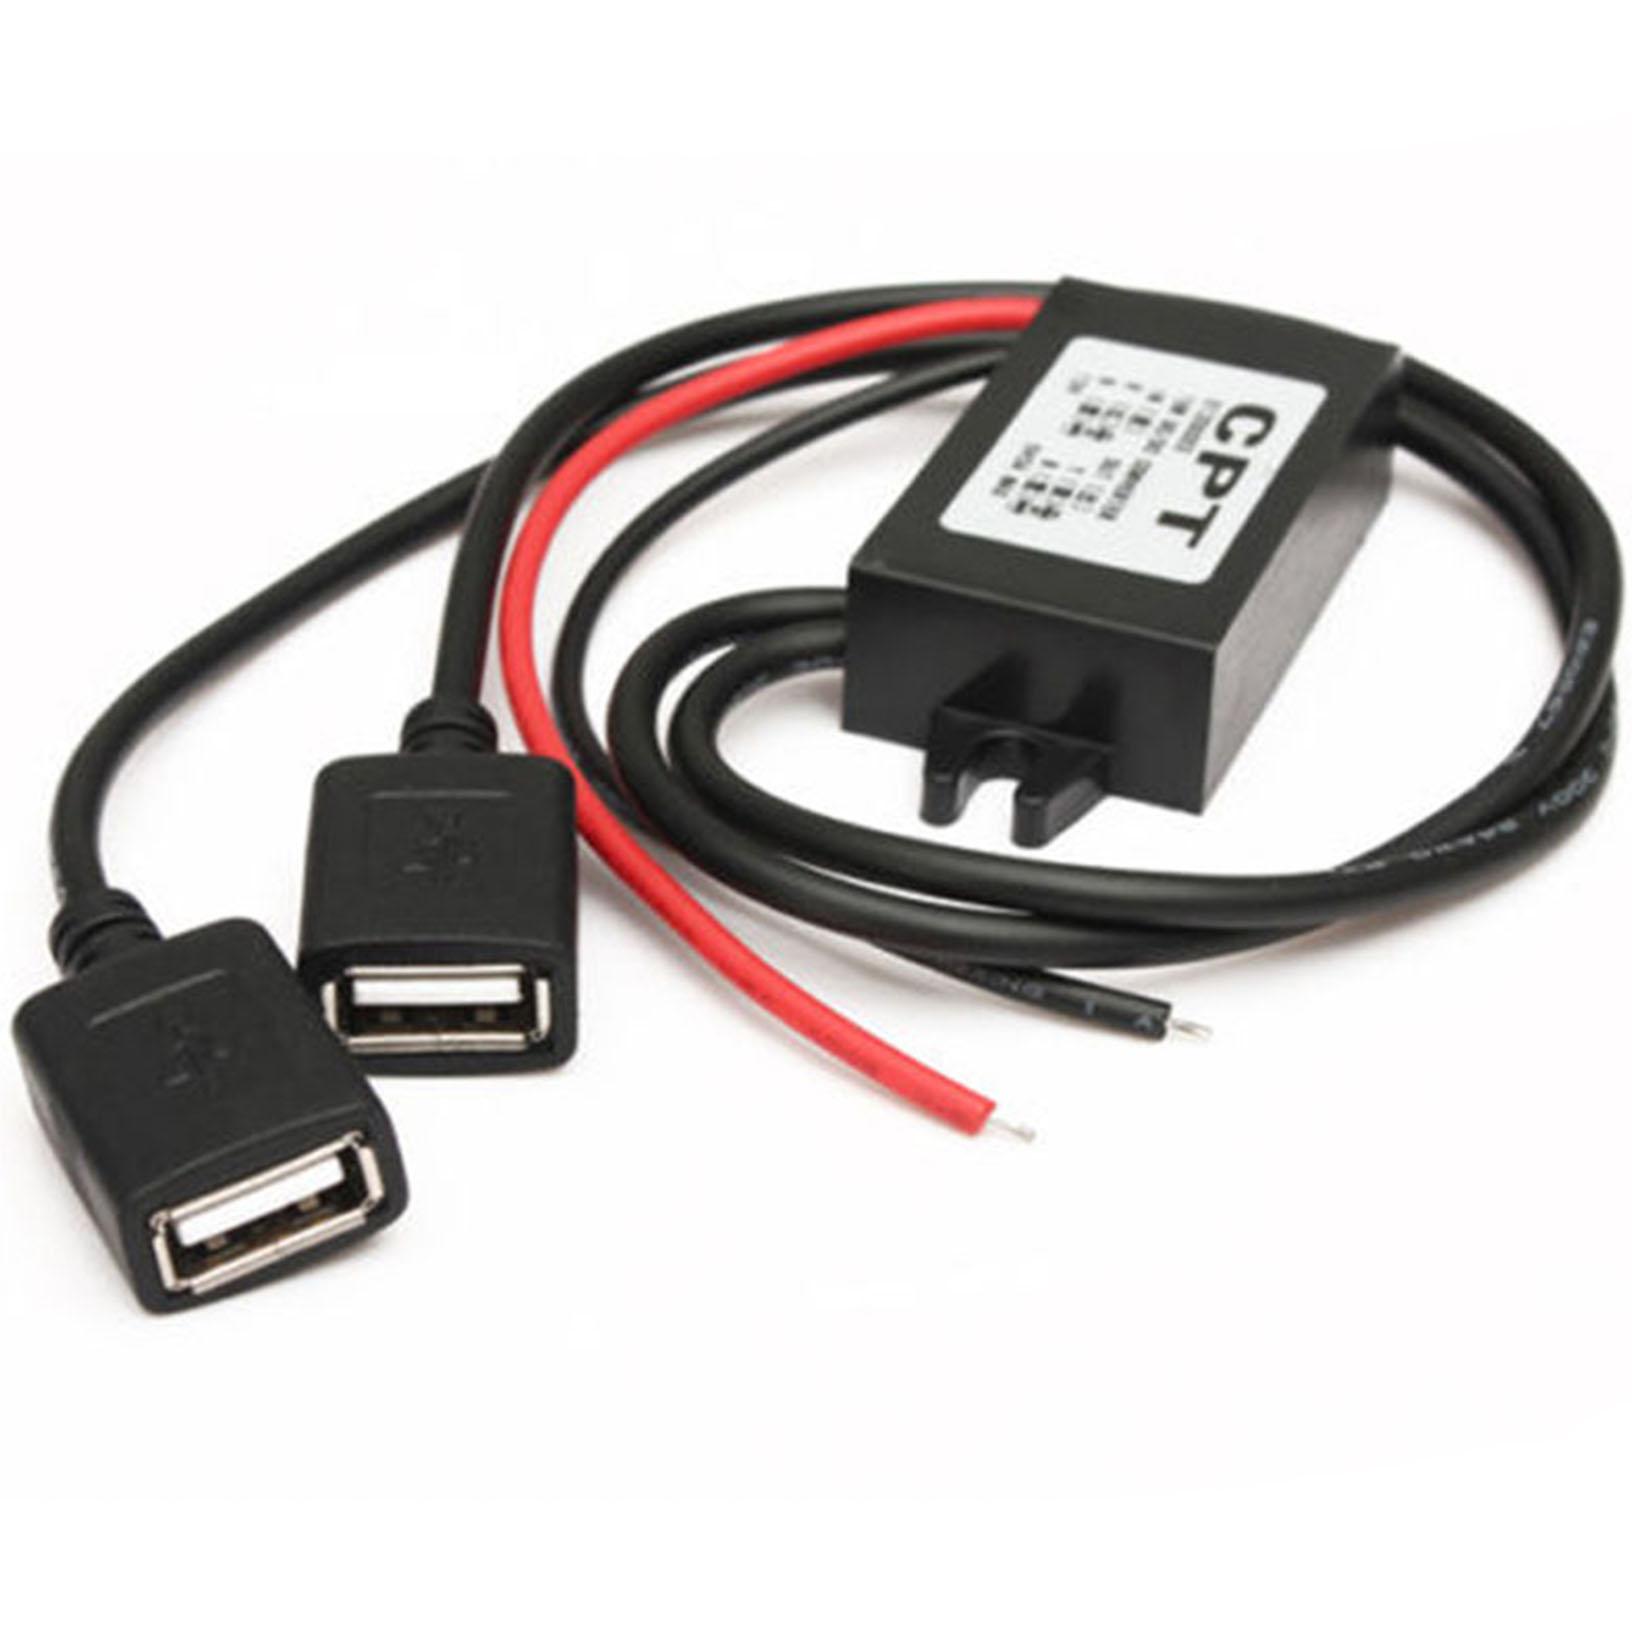 USB jännitelähde/muunnin 12v to 5v